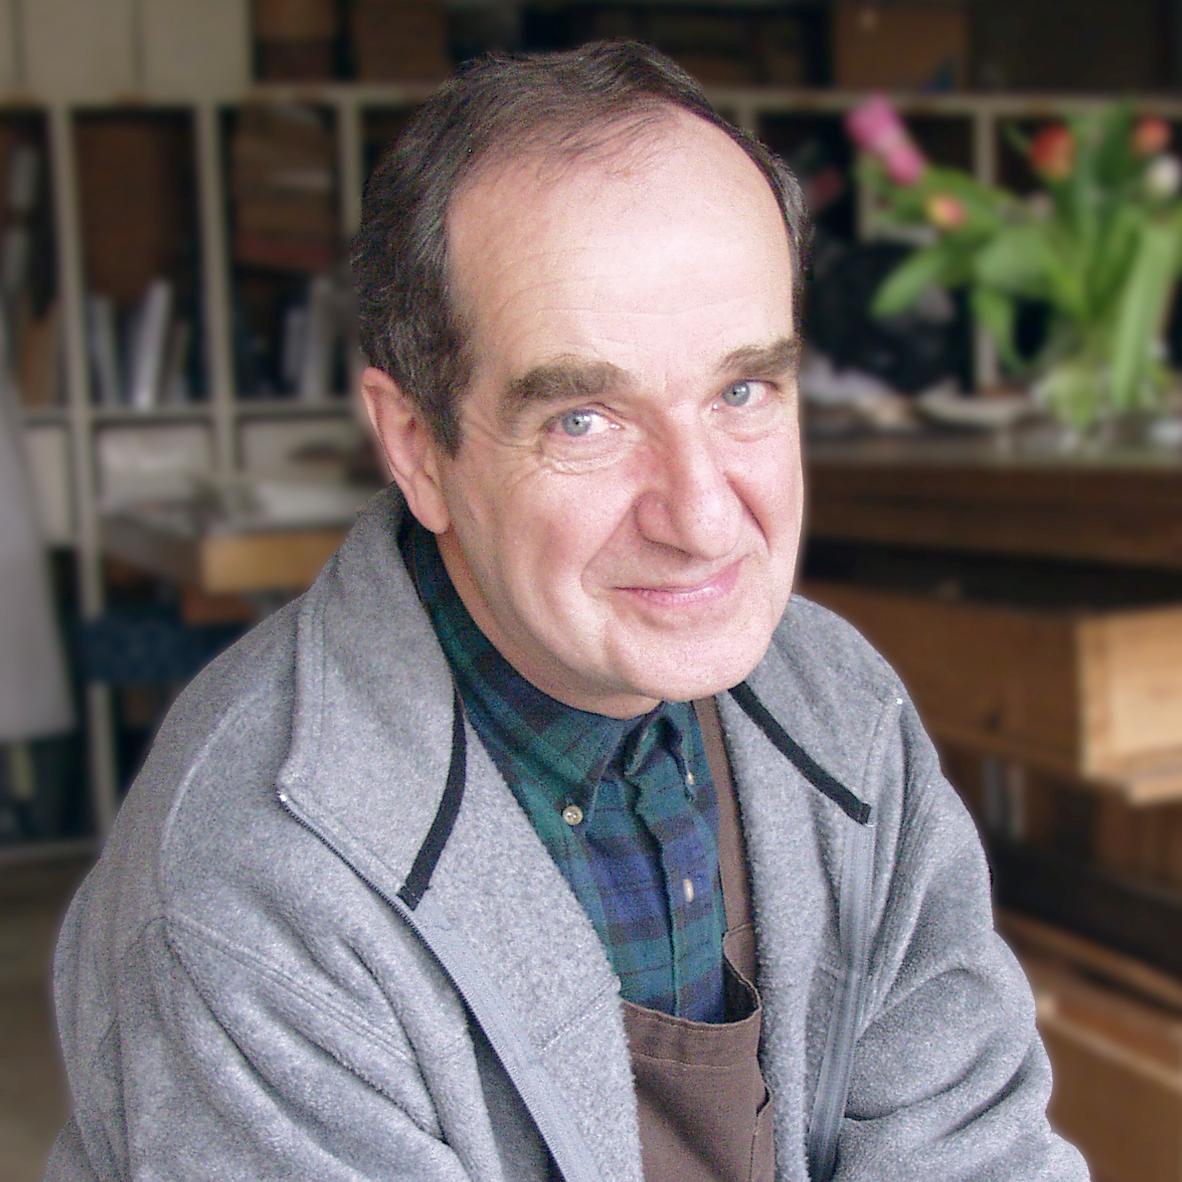 Dieter Goldkuhle